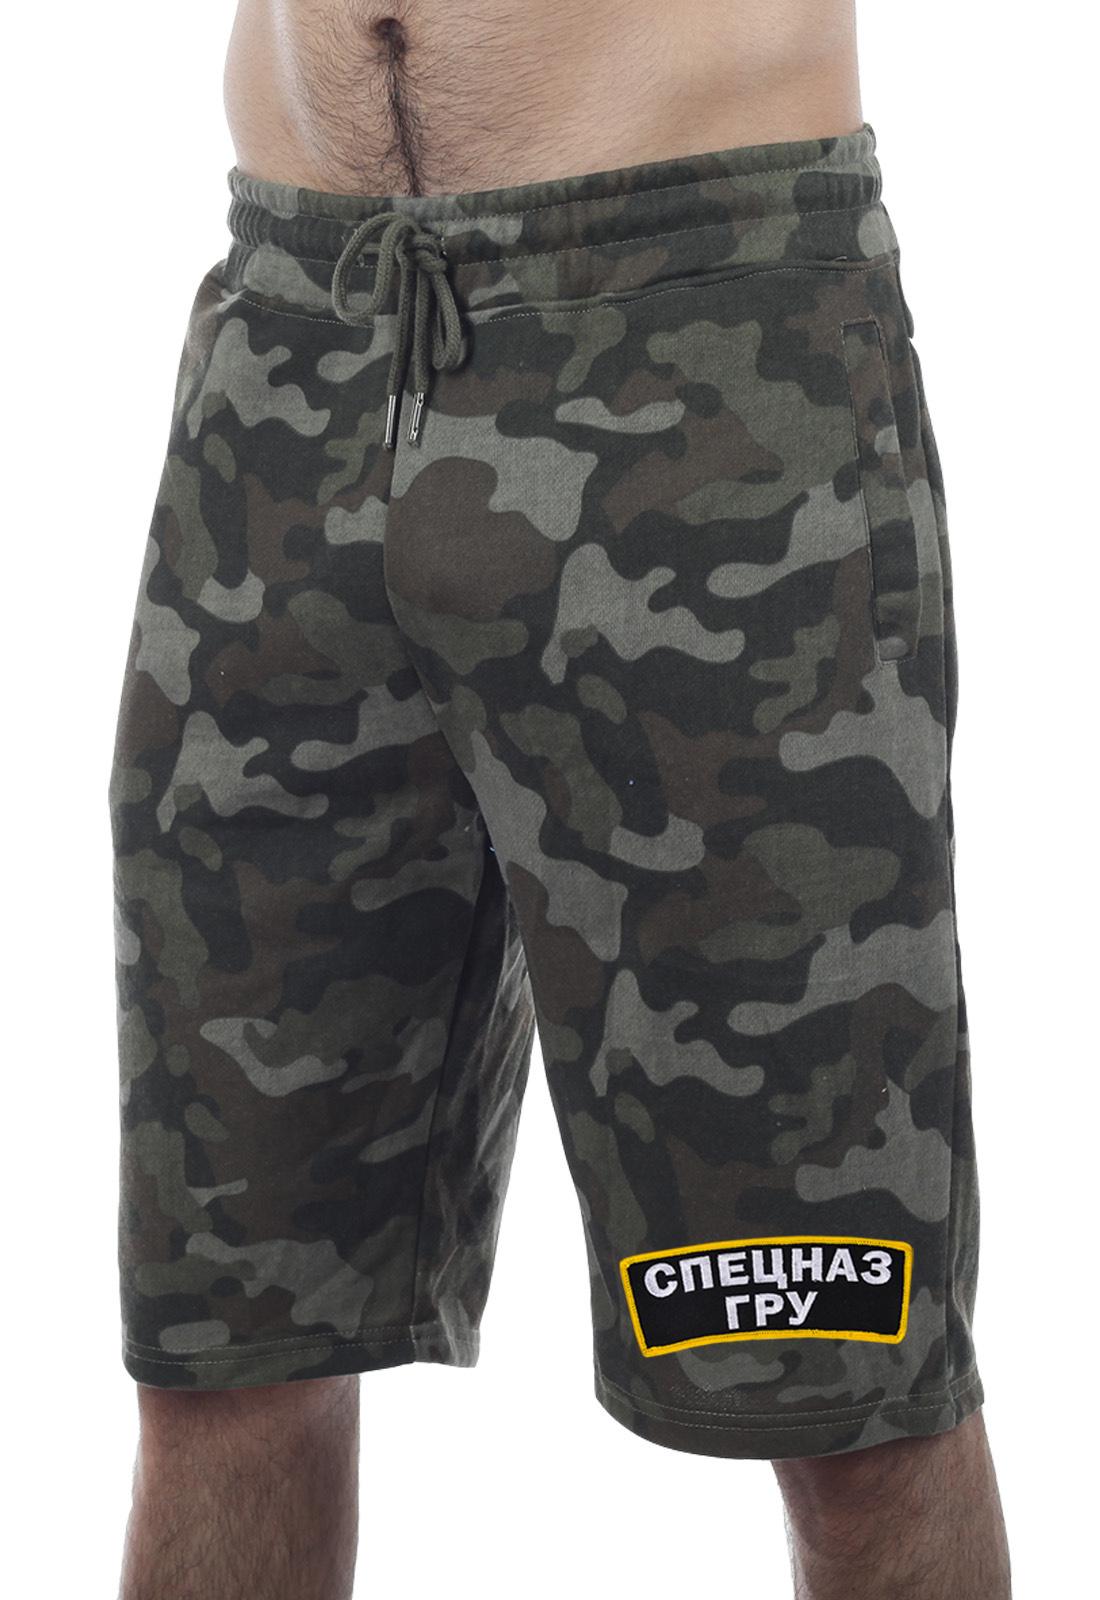 Одежда ГРУ – камуфляжные шорты со спецназовской символикой